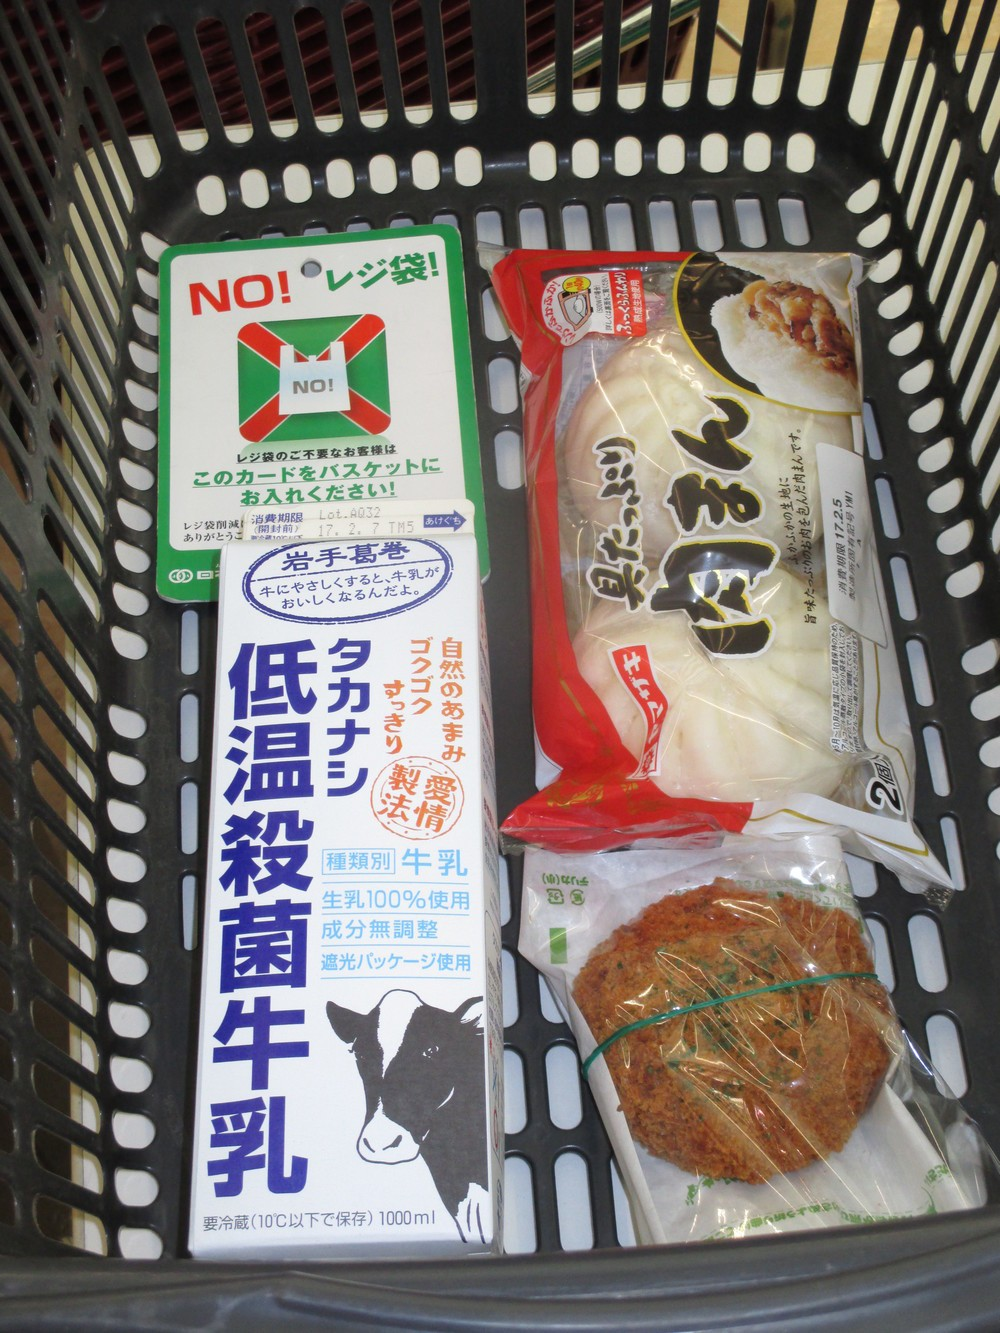 その10 「NO レジ袋」 【こんなものいらない!?】